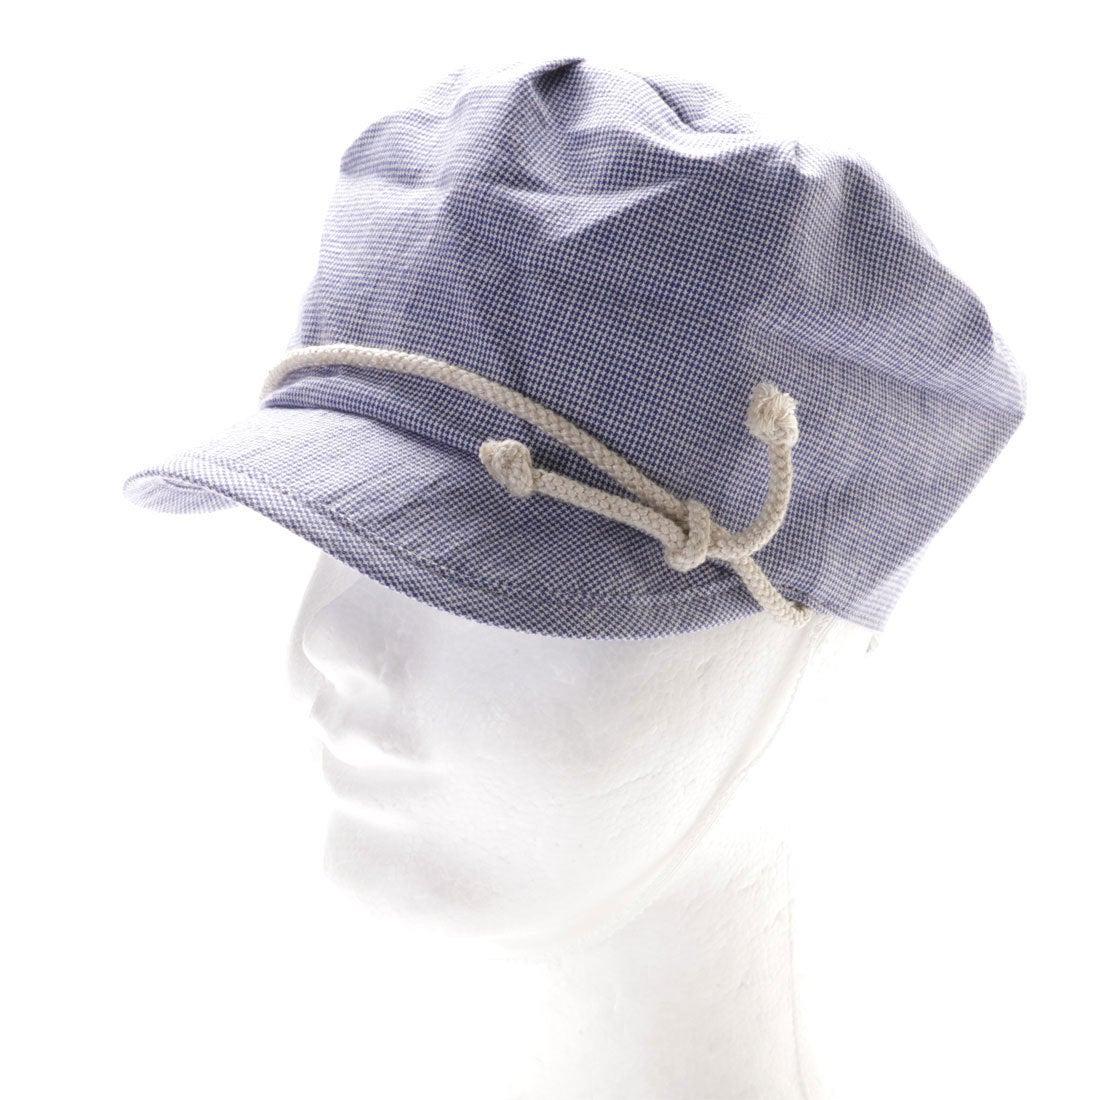 d7de844083407 リシェス richesse チェック柄ワーク帽子 (ネイビー) -アウトレット通販 ロコレット (LOCOLET)